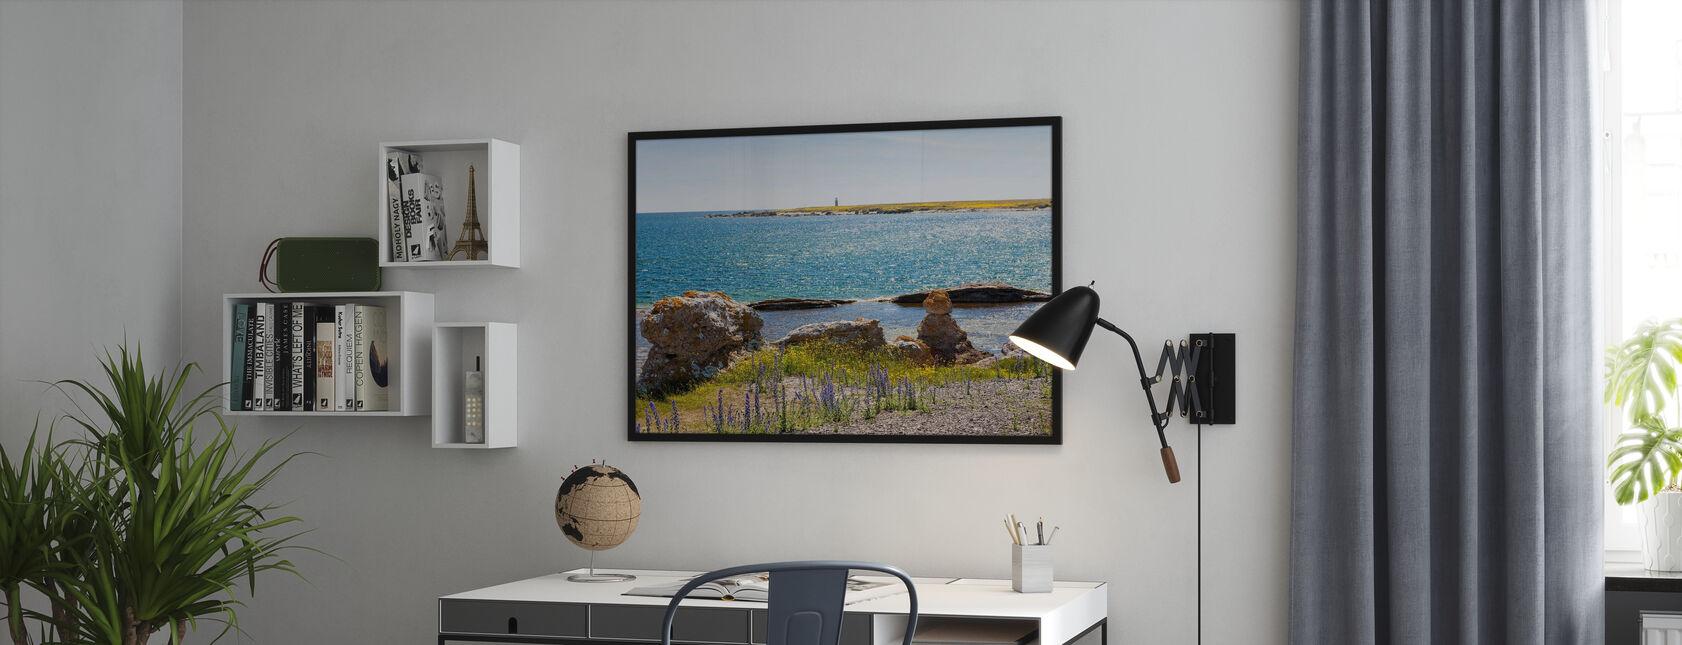 Gotlands Seaside - Poster - Kontor